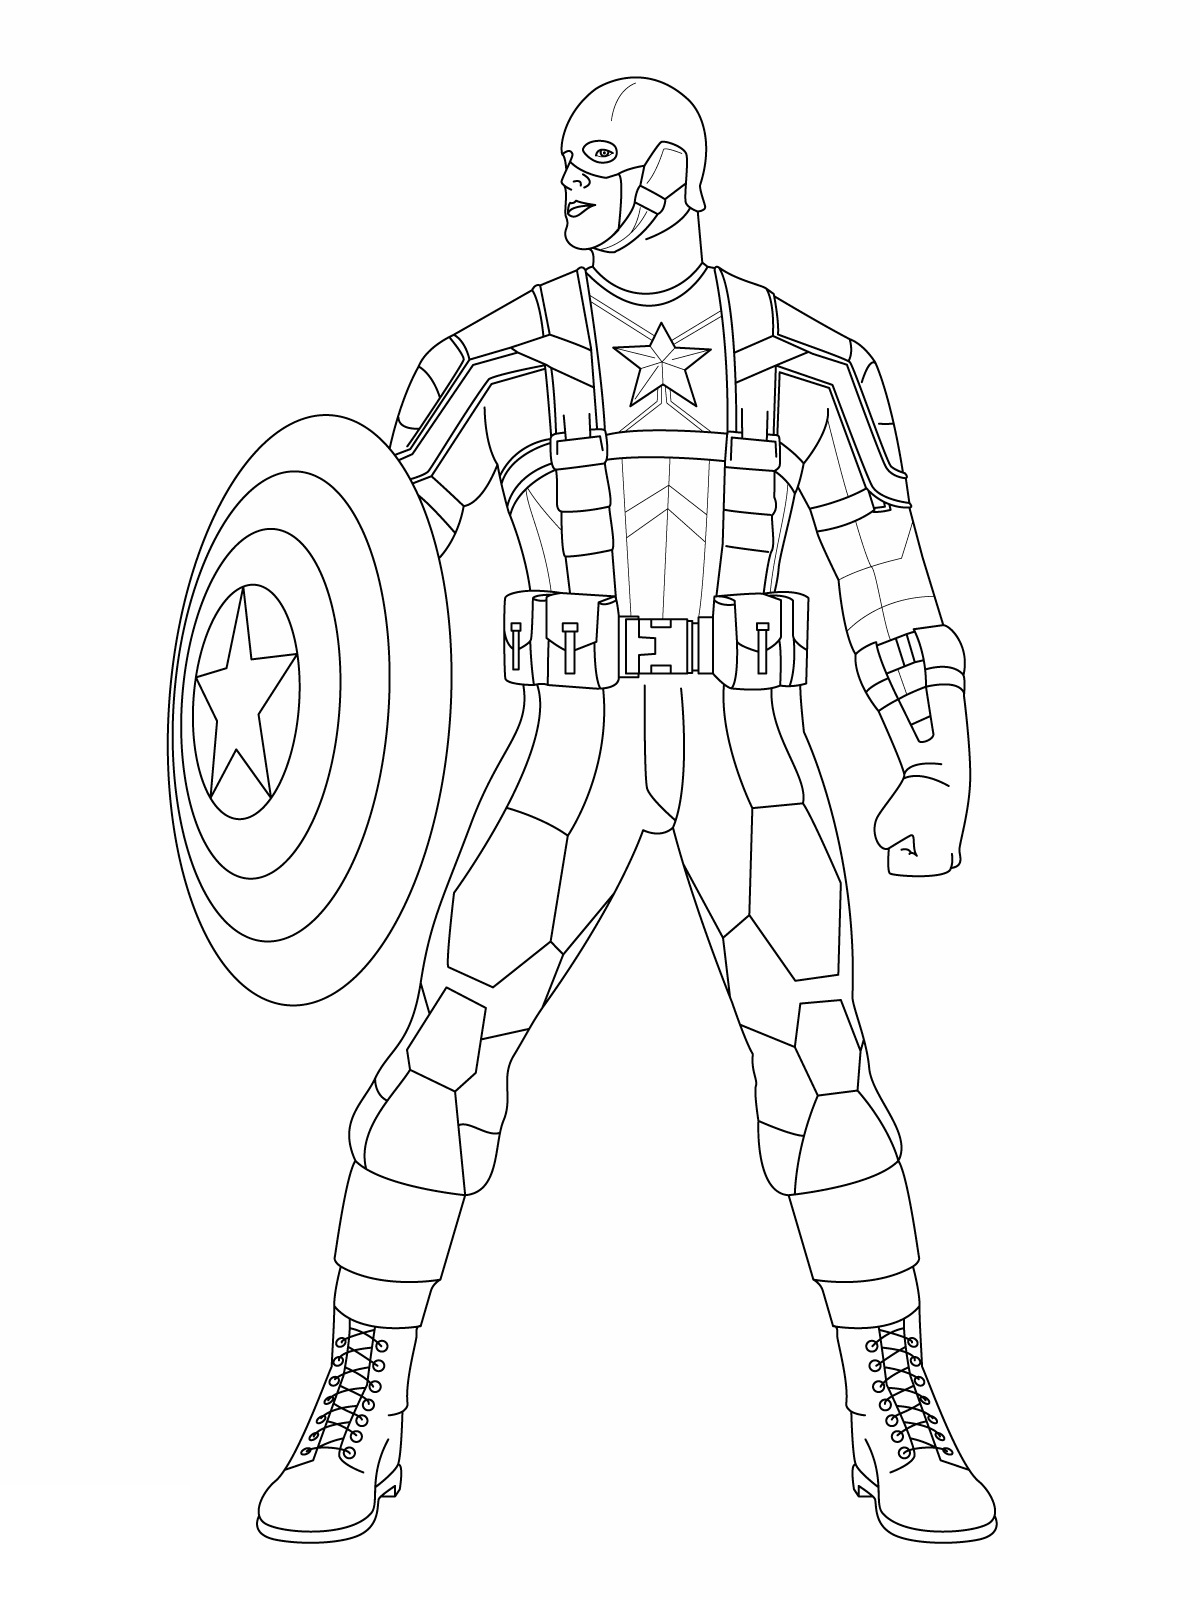 Captain America The First Avenger